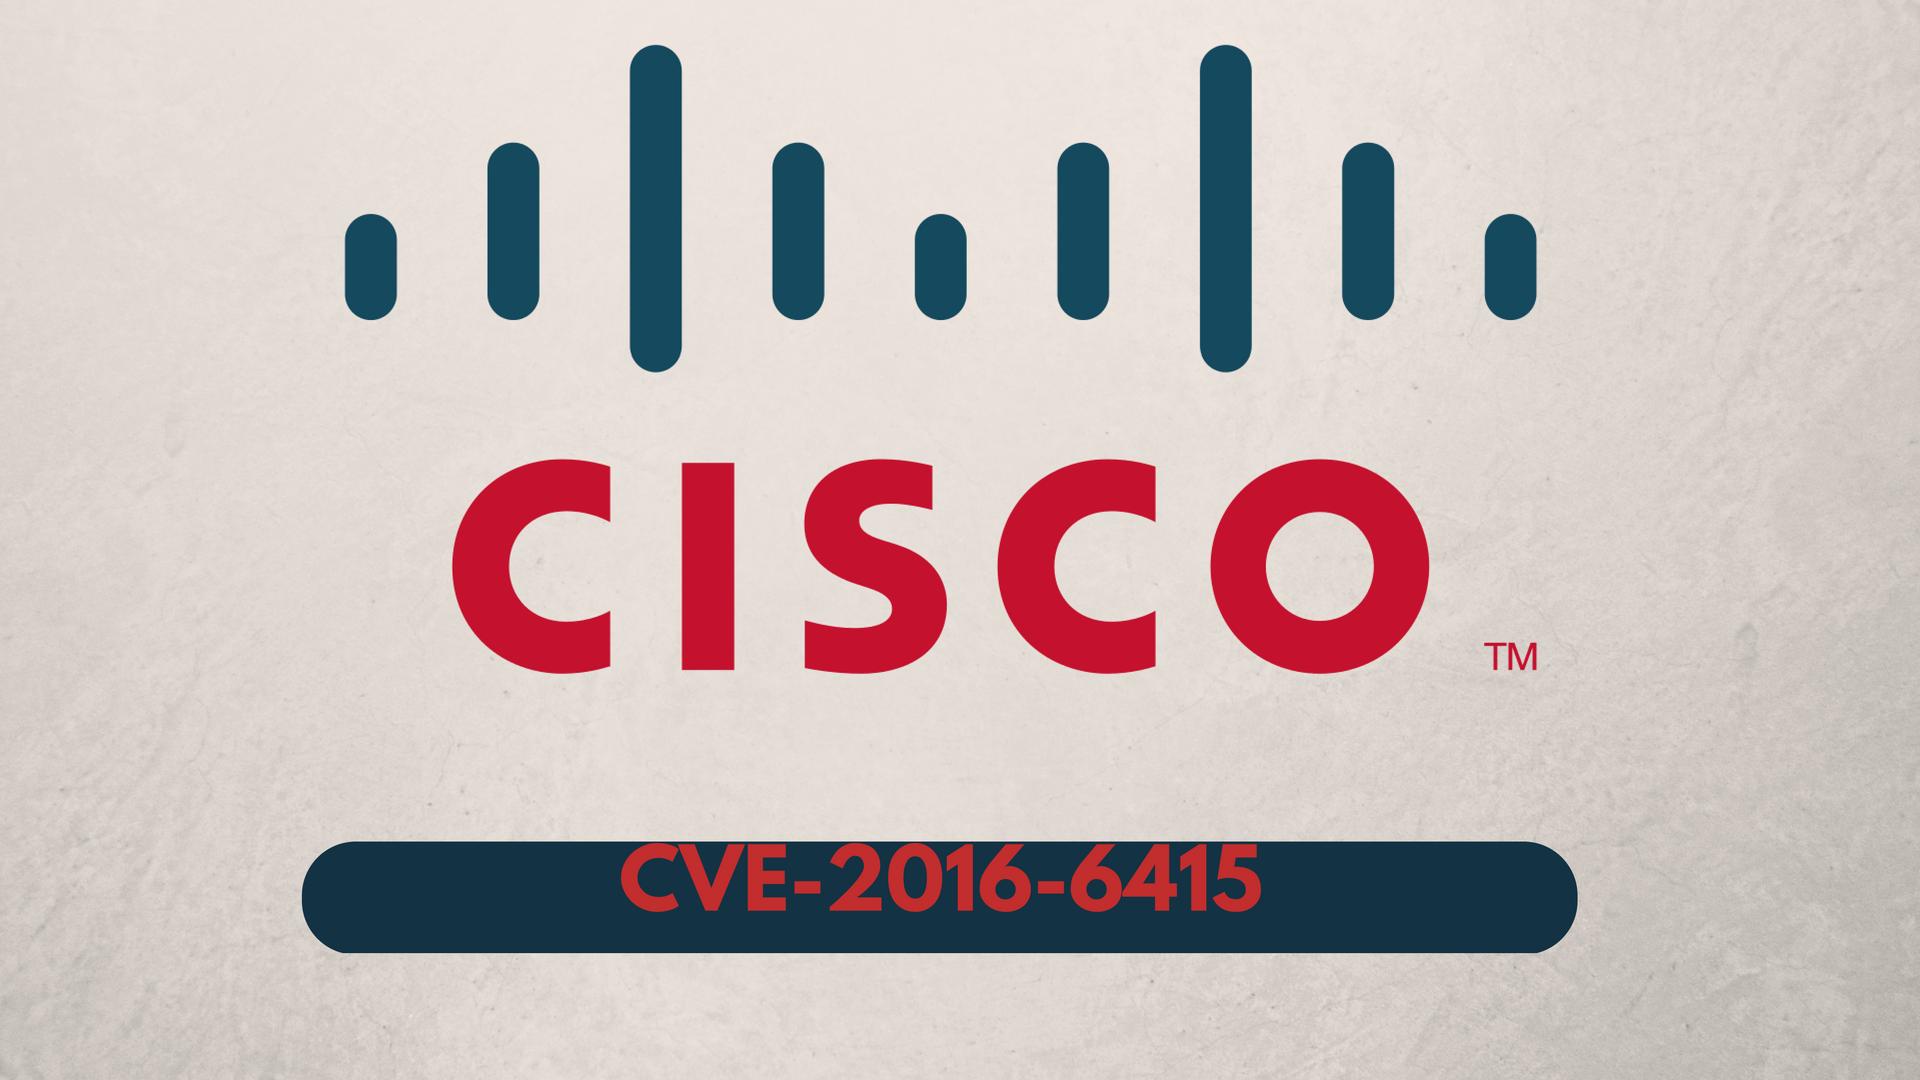 cisco-vulnerability-CVE-2016-6415